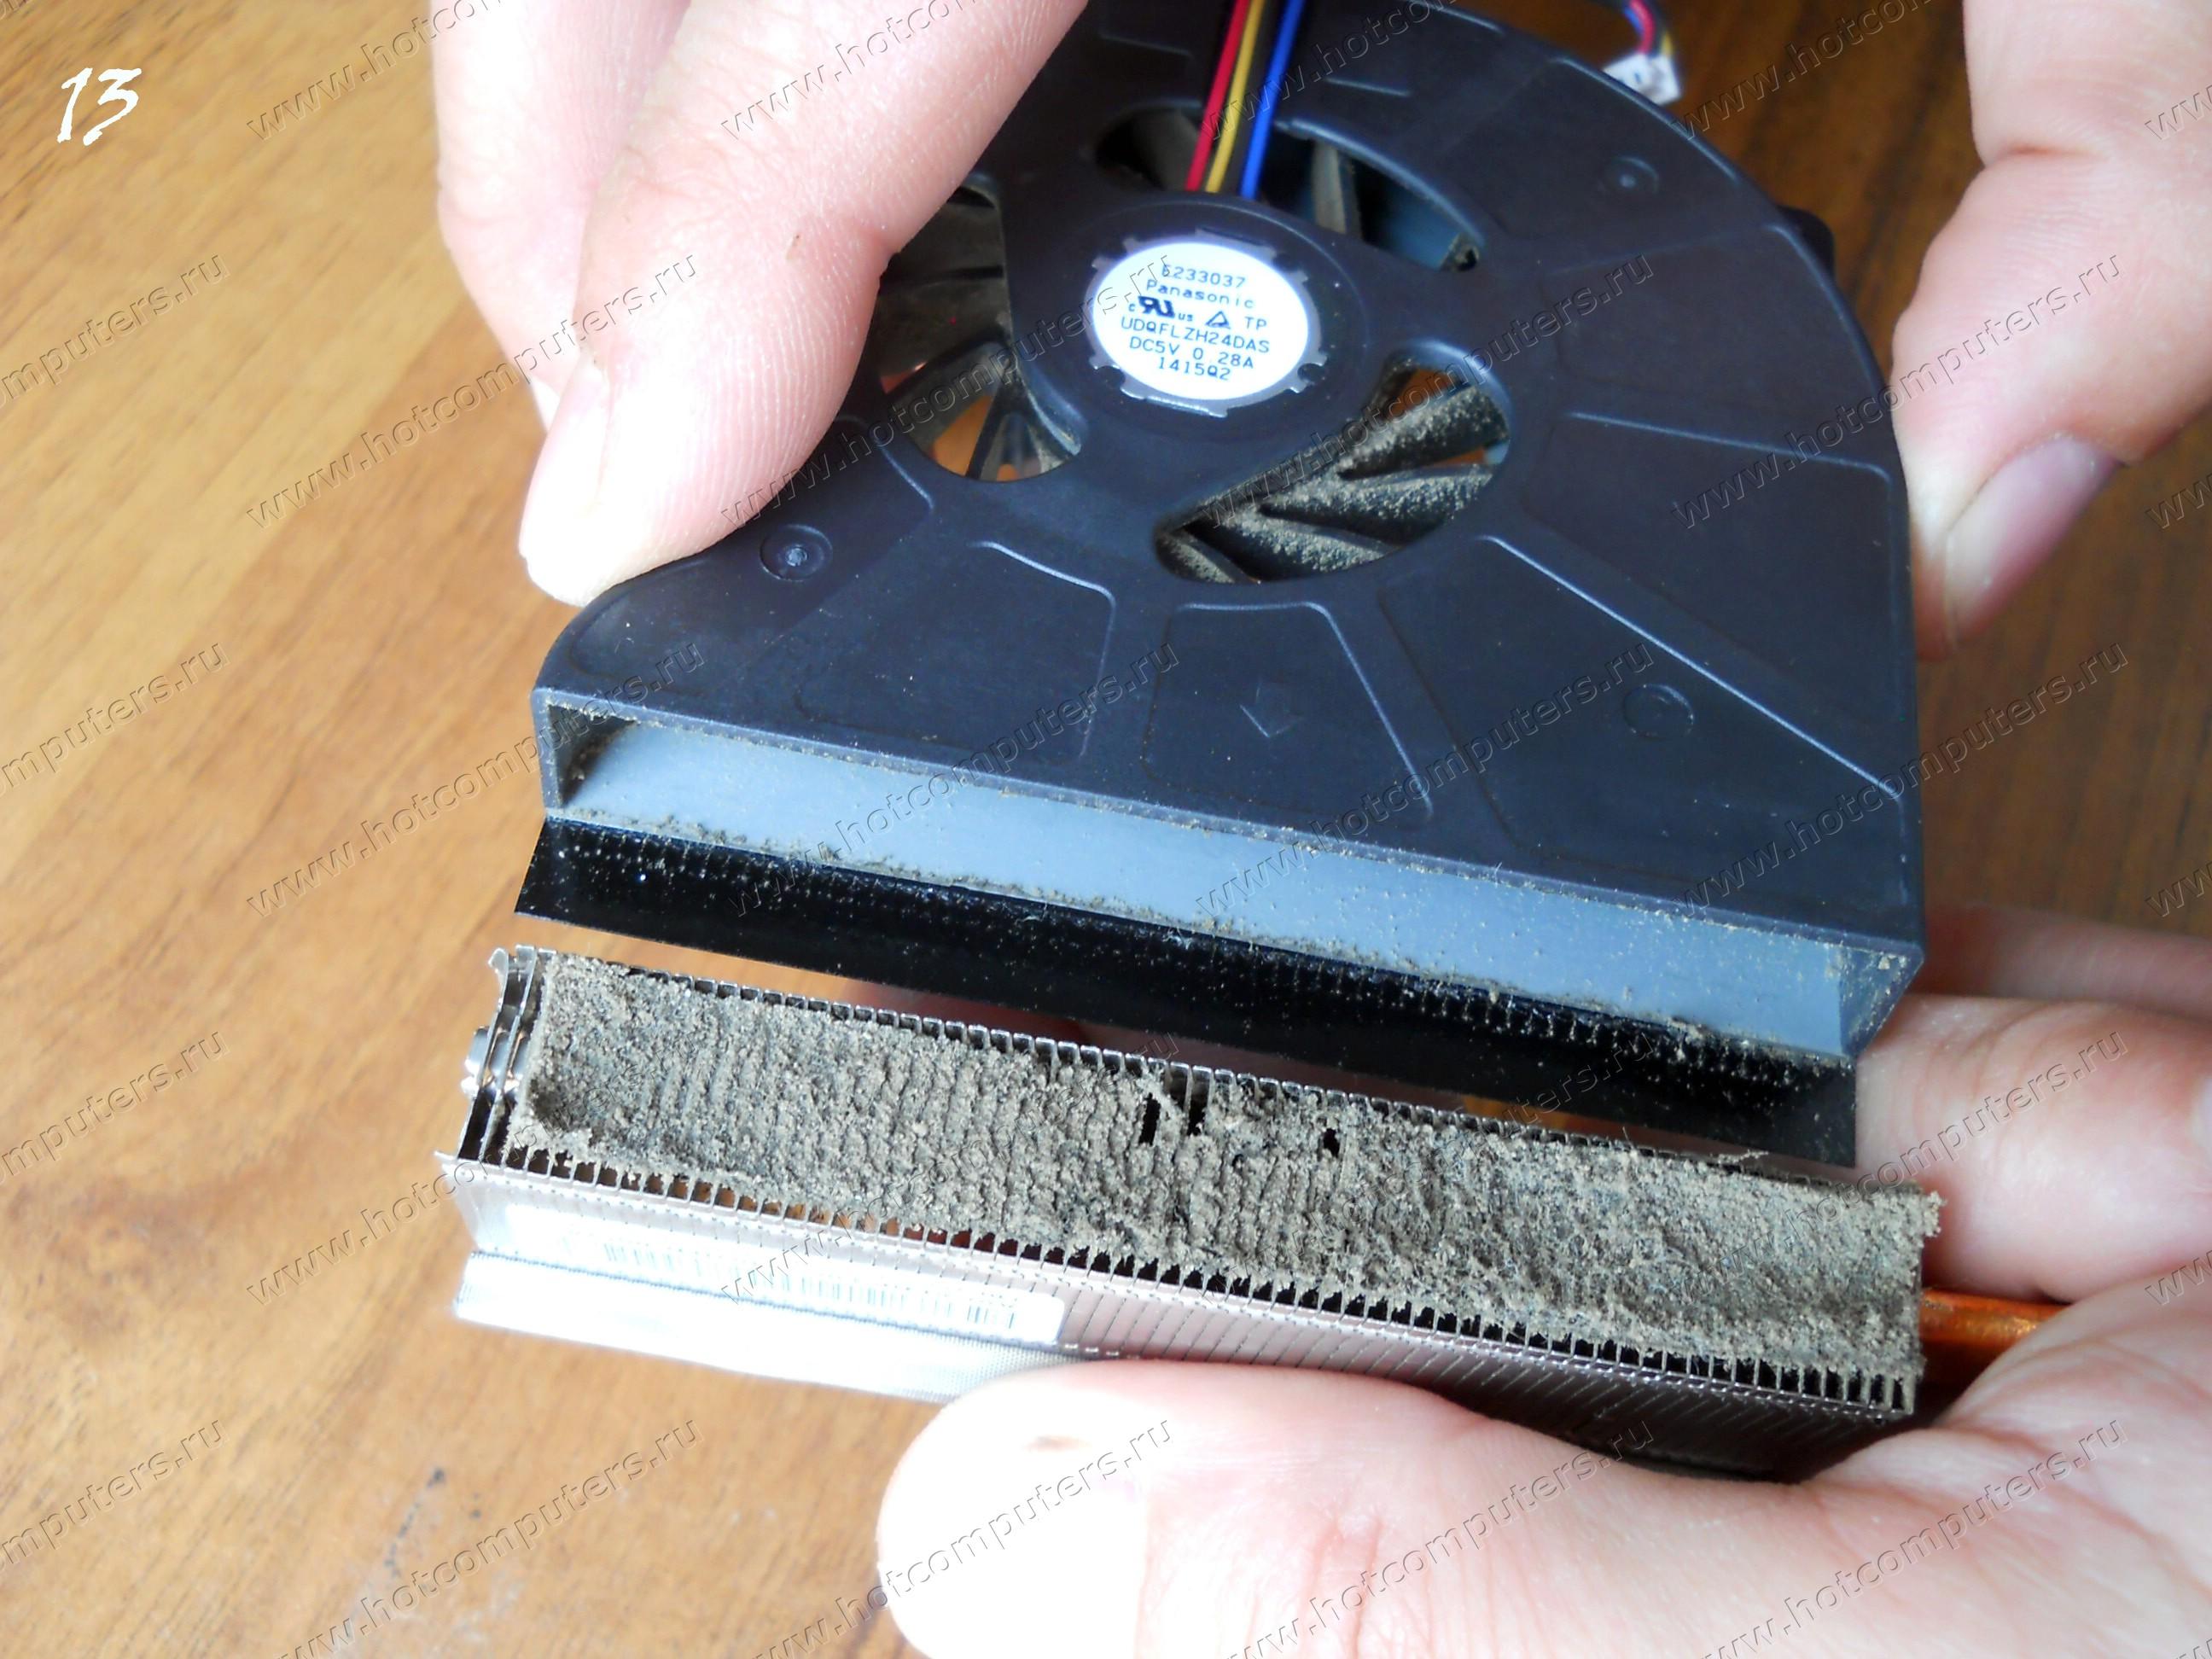 Скапливание пыли на поверхности радиатора кулера